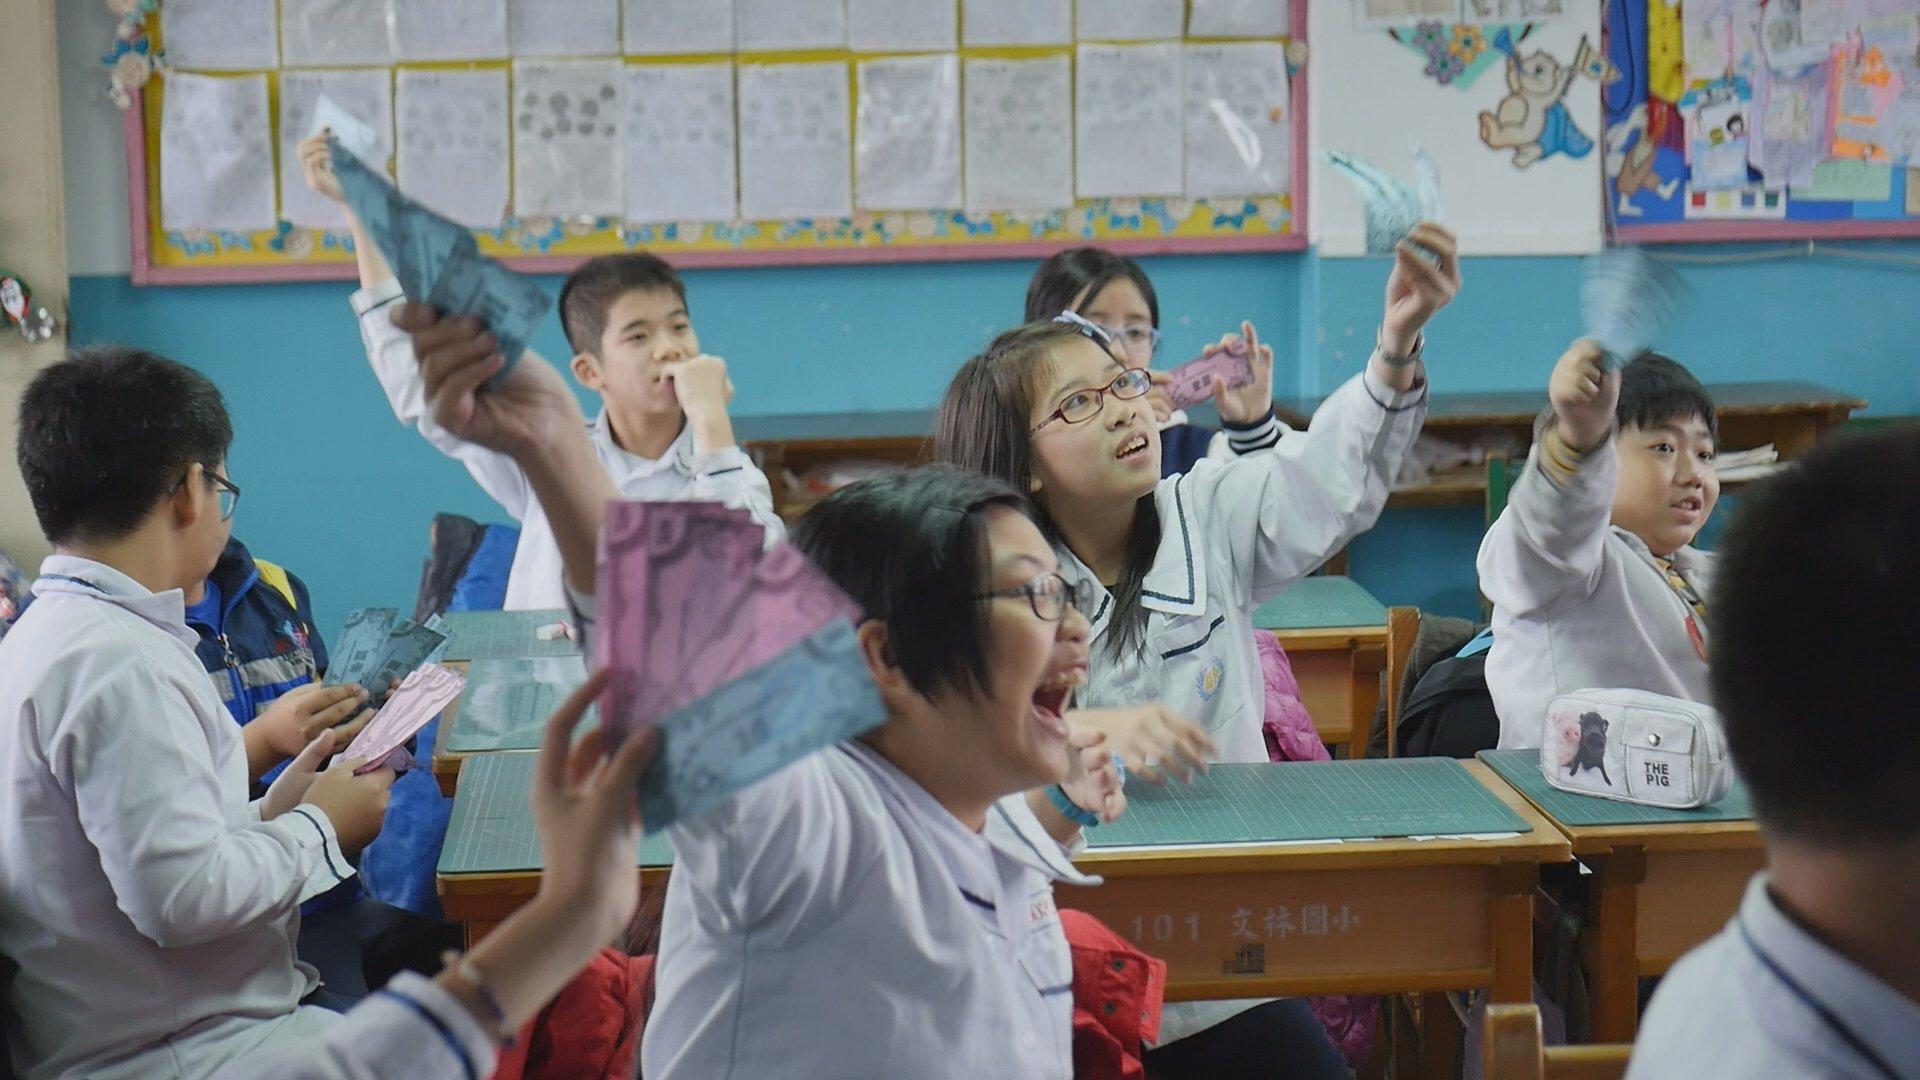 纪录片《文林银行》中的小学生。